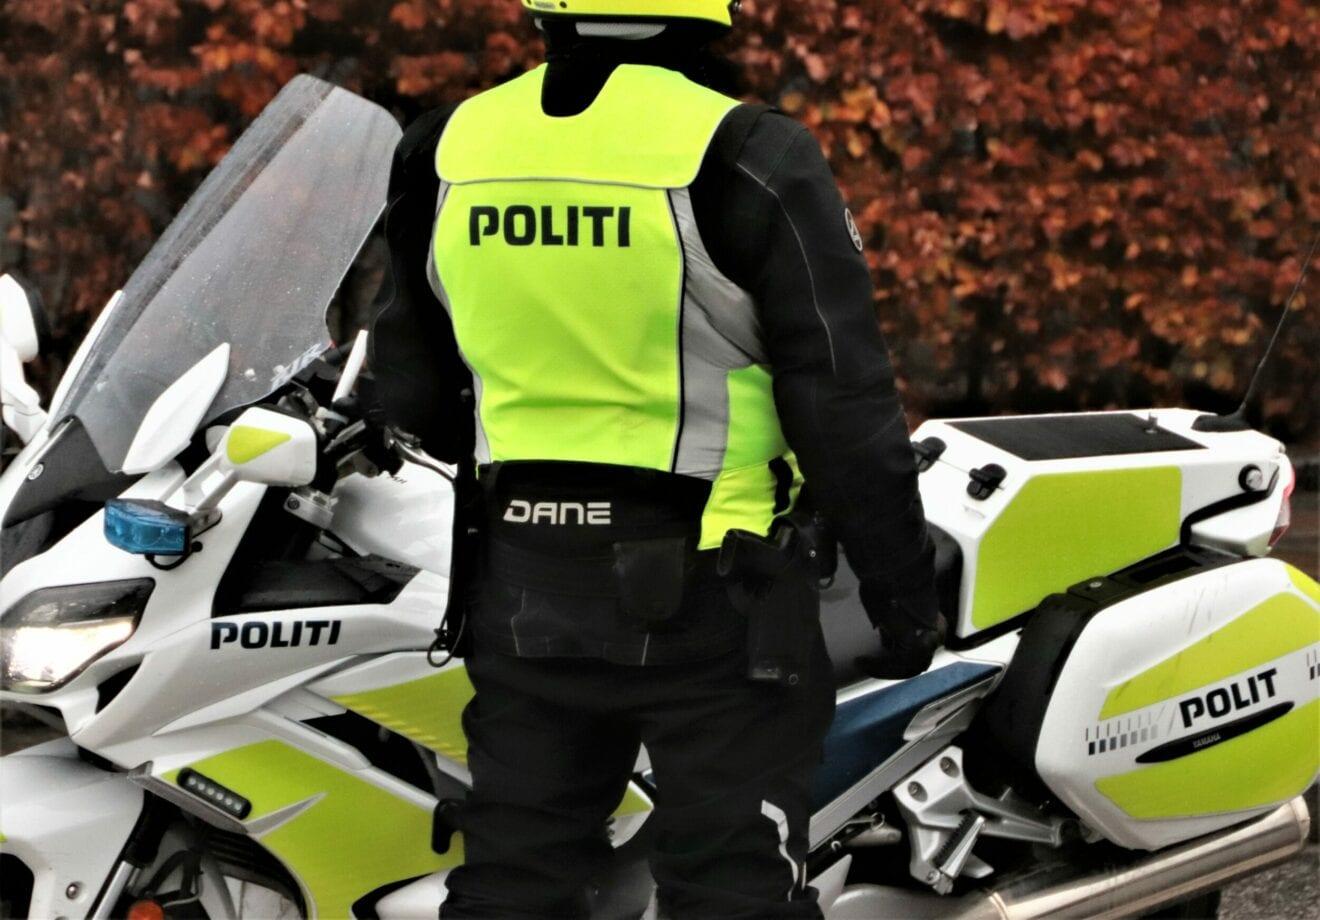 Politirapporten for Lyngby Kommune i tidsrummet 2021-04-29 til 2021-05-11